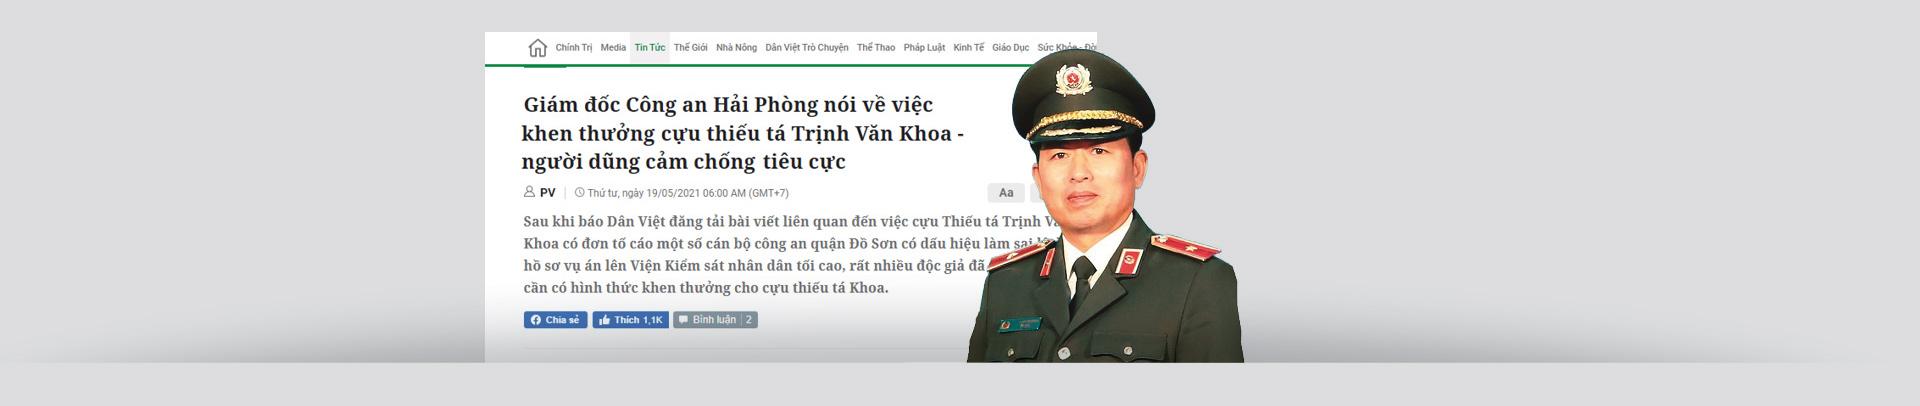 """Bố mẹ cựu thiếu tá công an Trịnh Văn Khoa: """"Gia đình tôi tiếc và lo lắm, nhưng rất tự hào về Khoa"""" - Ảnh 16."""